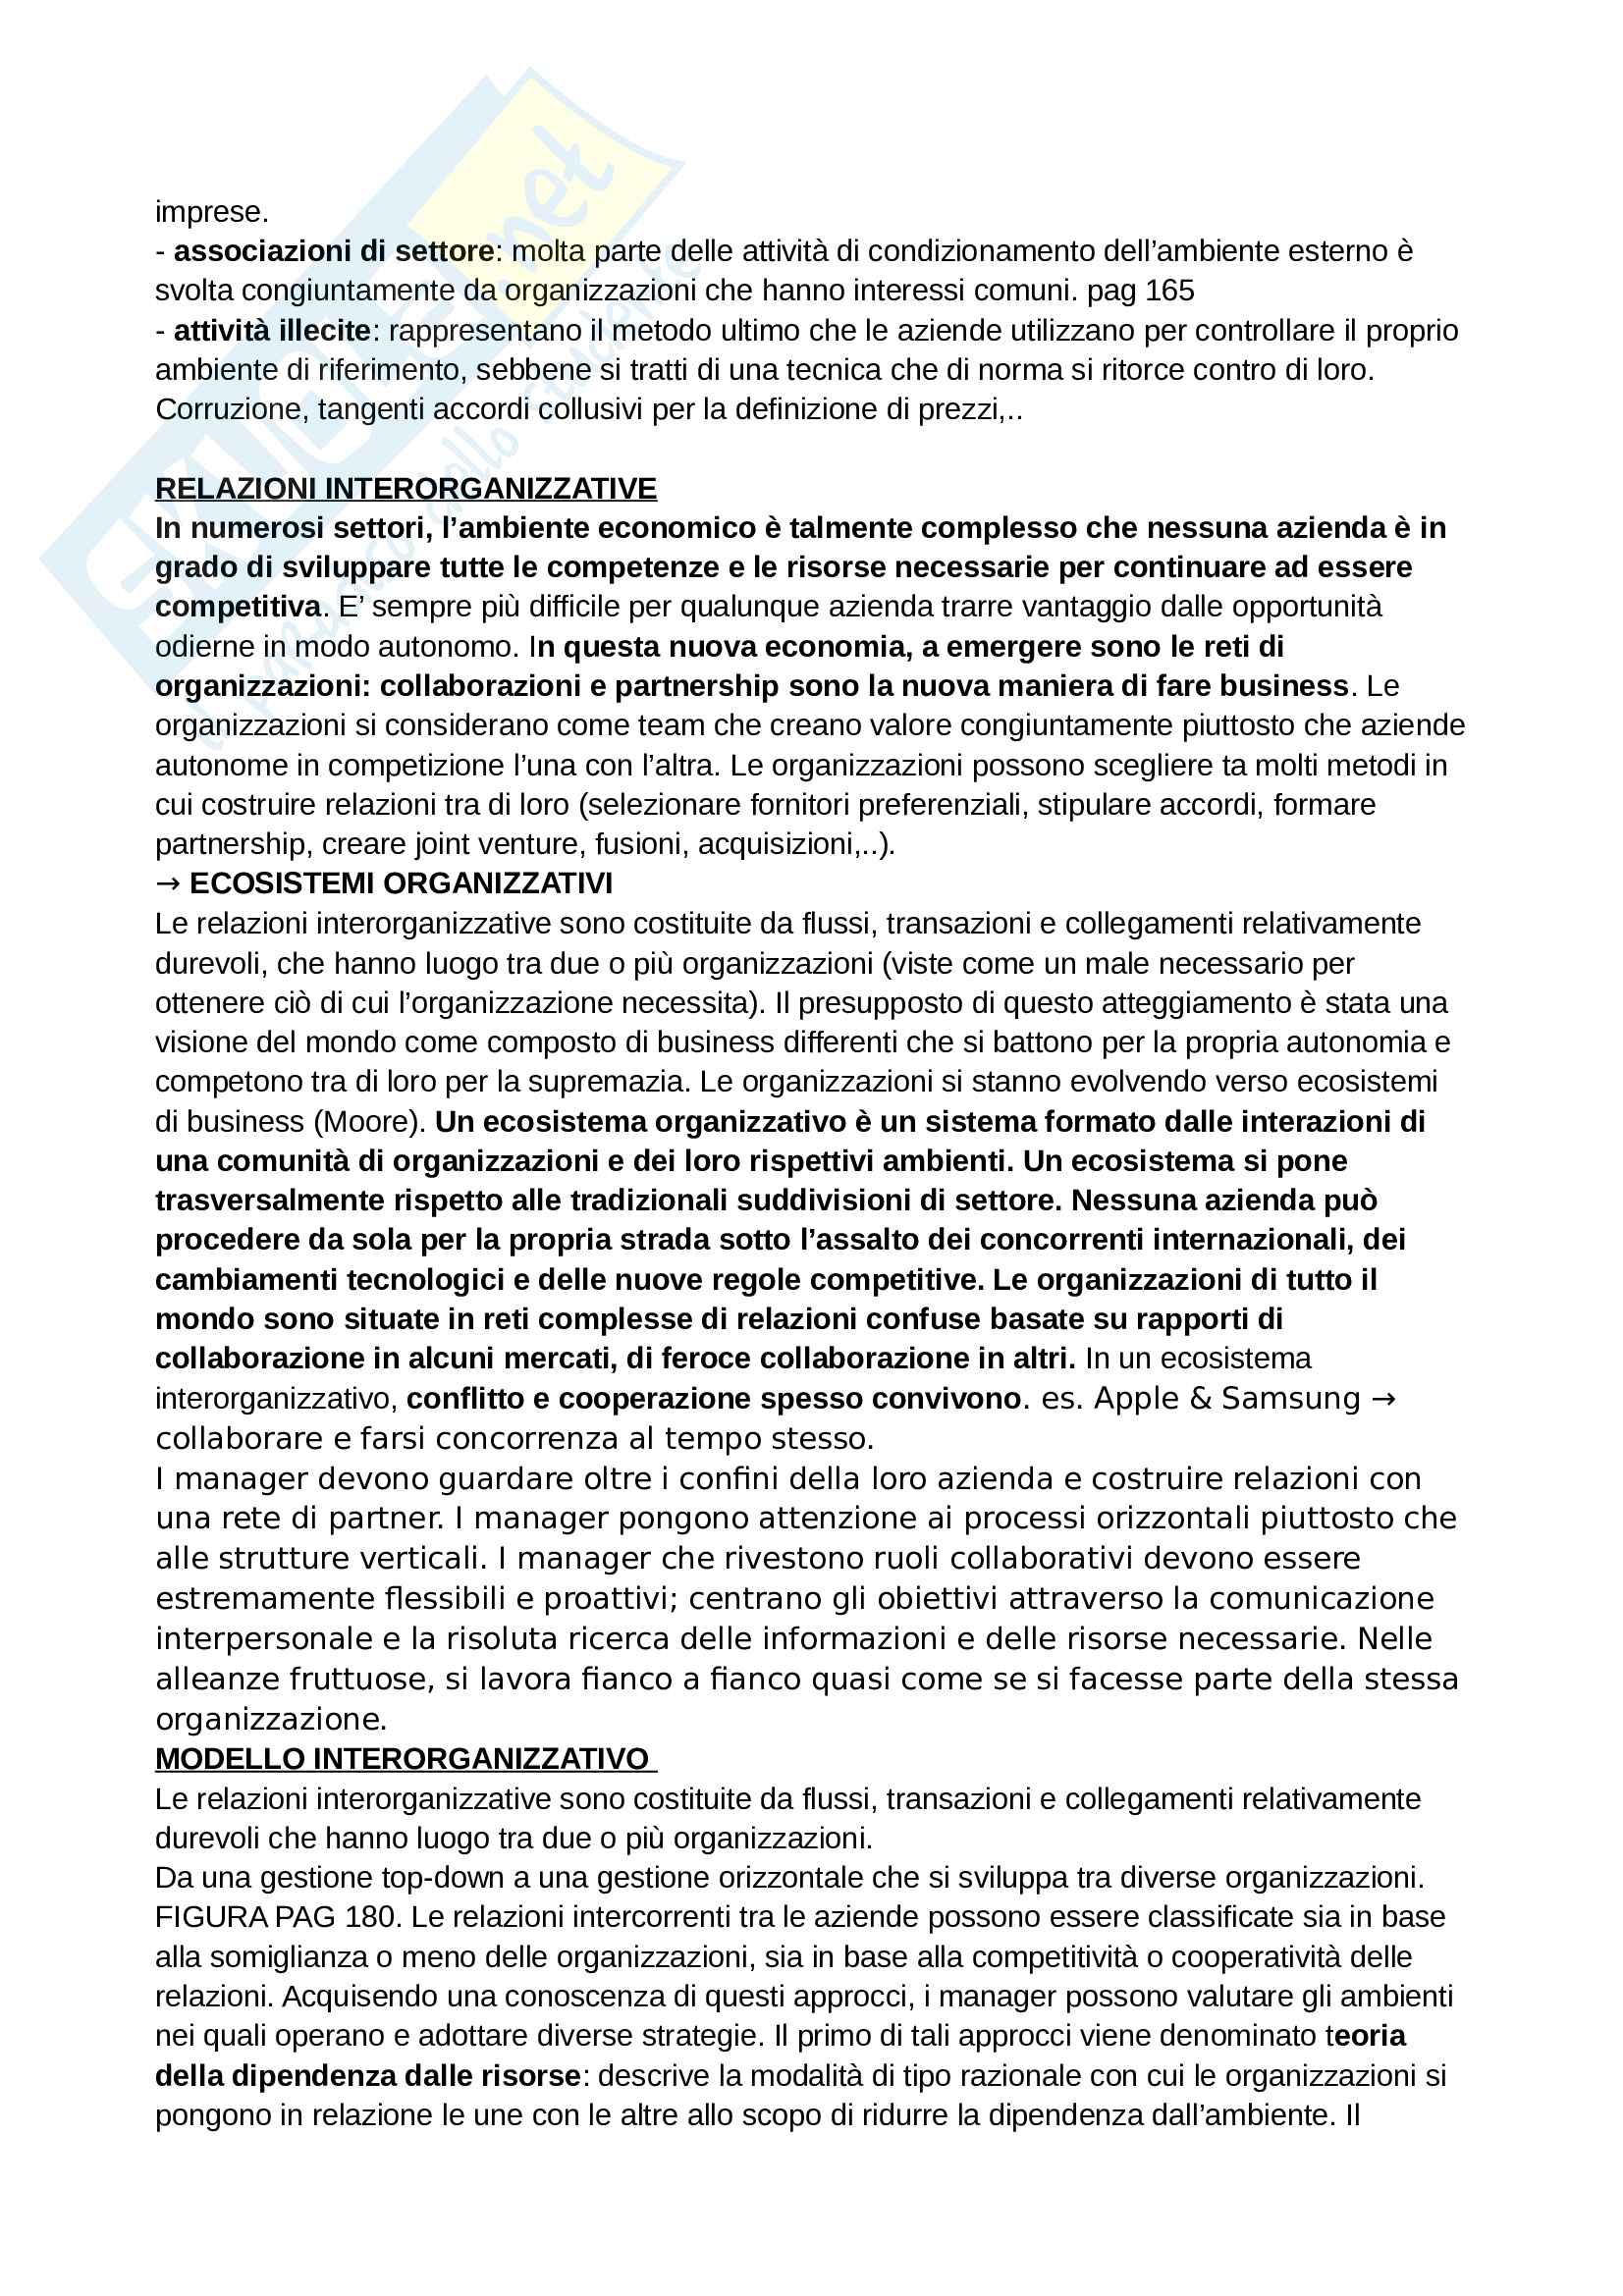 Riassunto esame Organizzazione aziendale Pag. 41